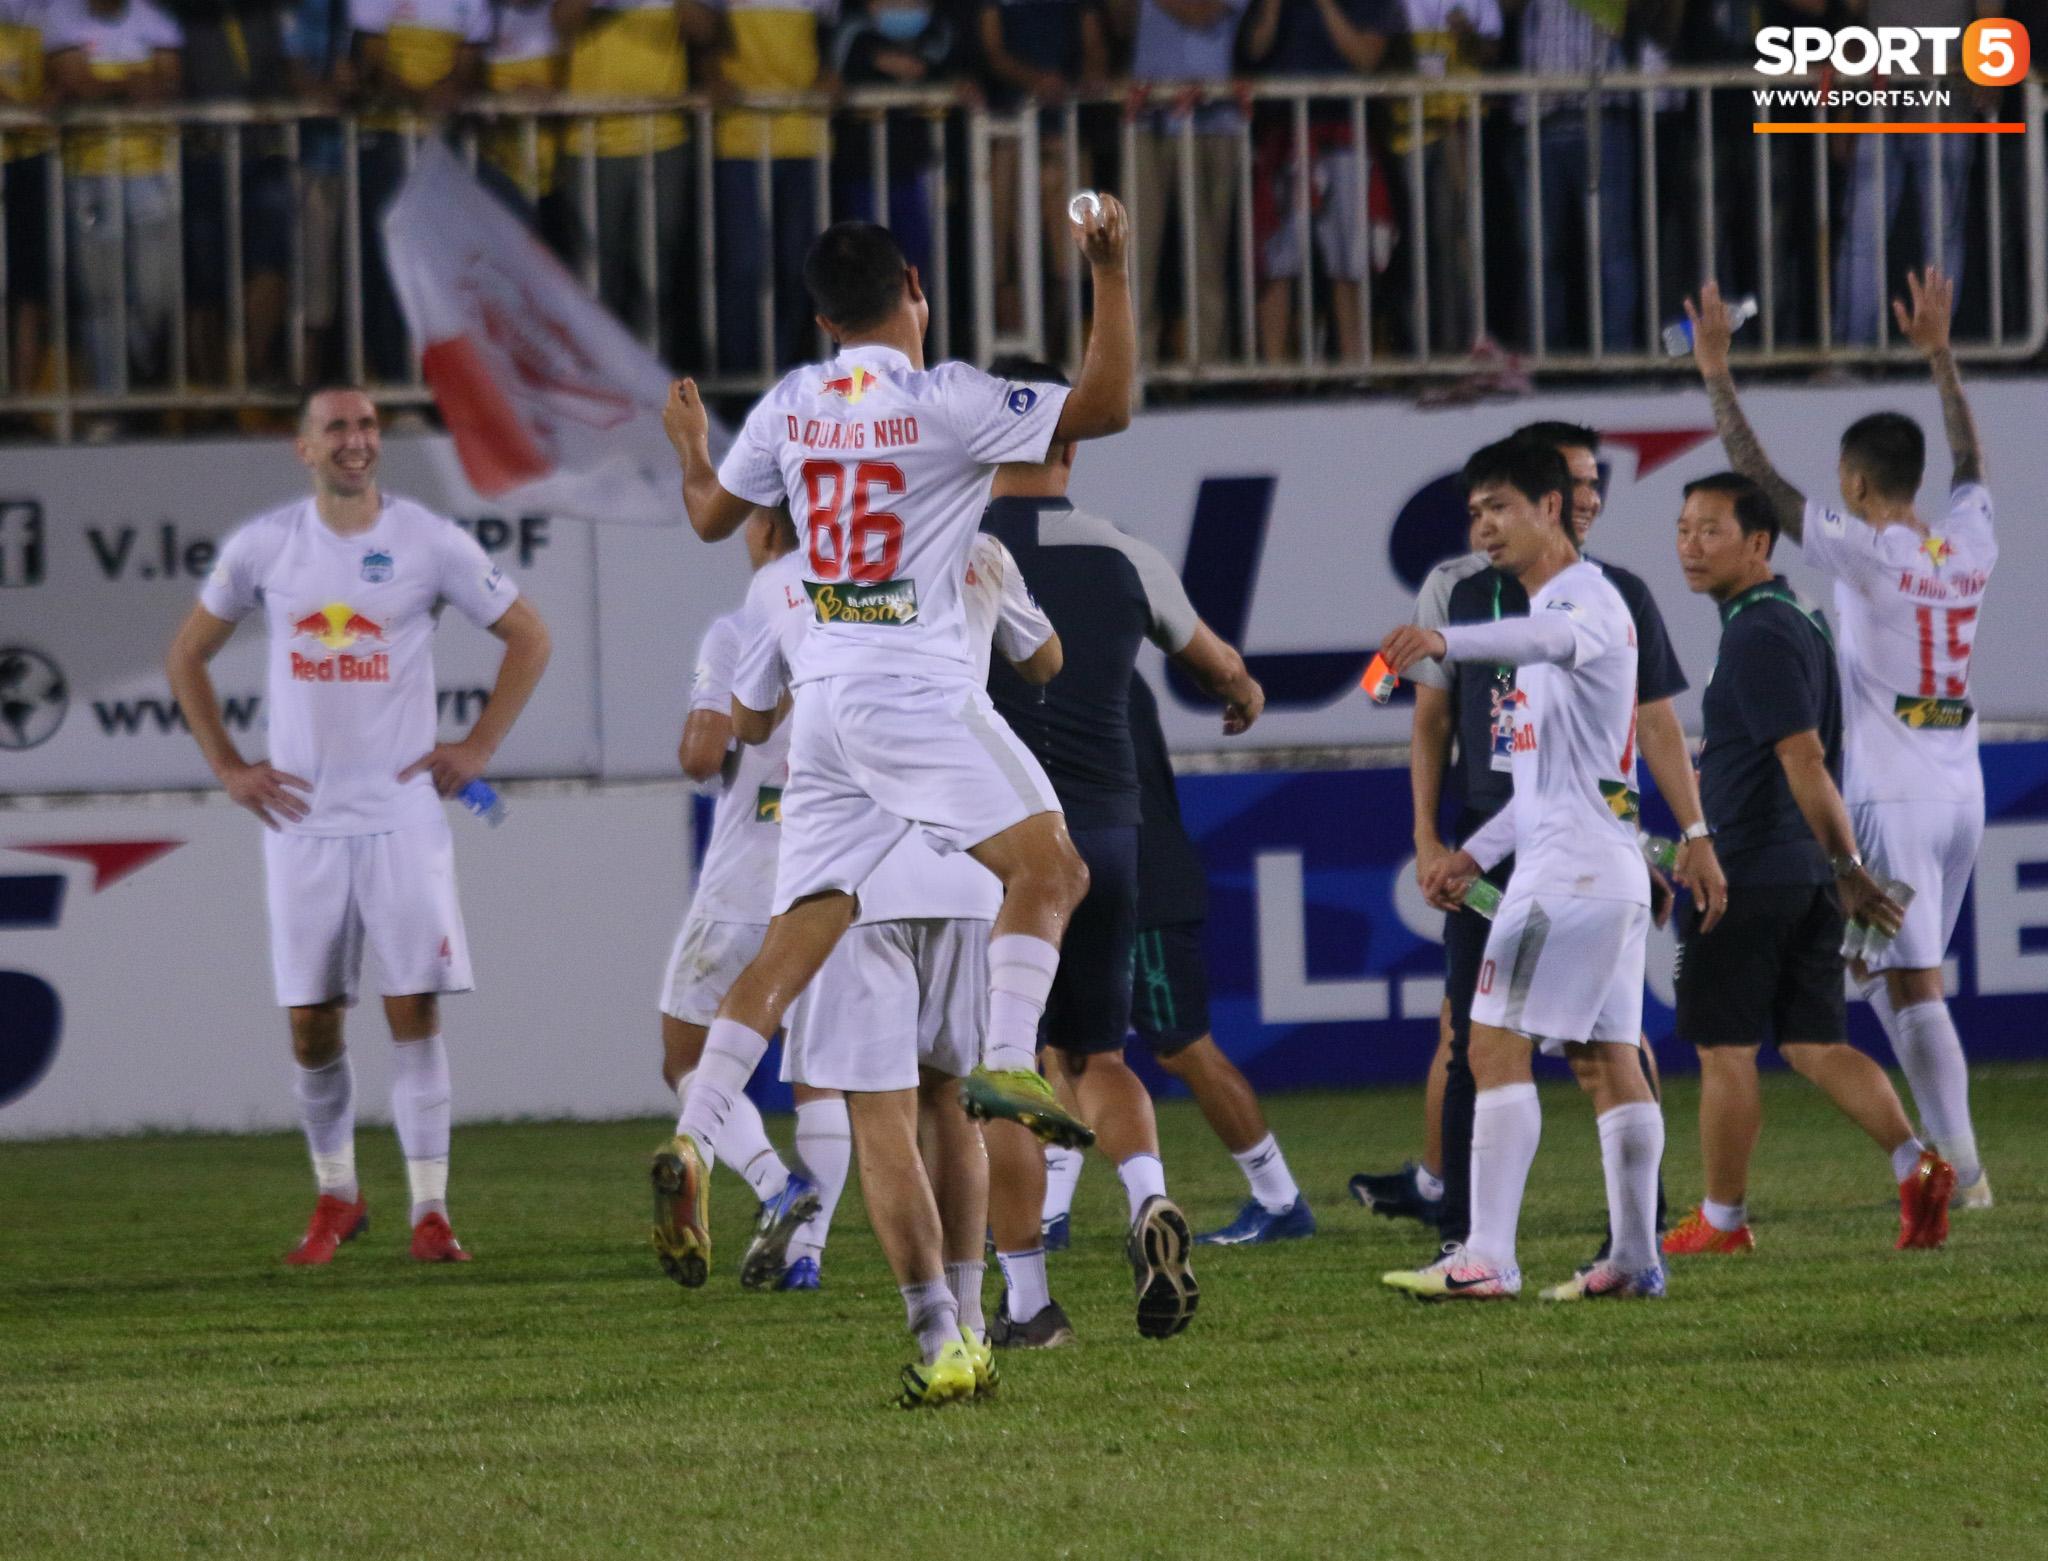 Nguyễn Tuấn Anh ăn mừng cực dị cùng Hữu Tuấn sau trận thắng Hà Nội FC - ảnh 15